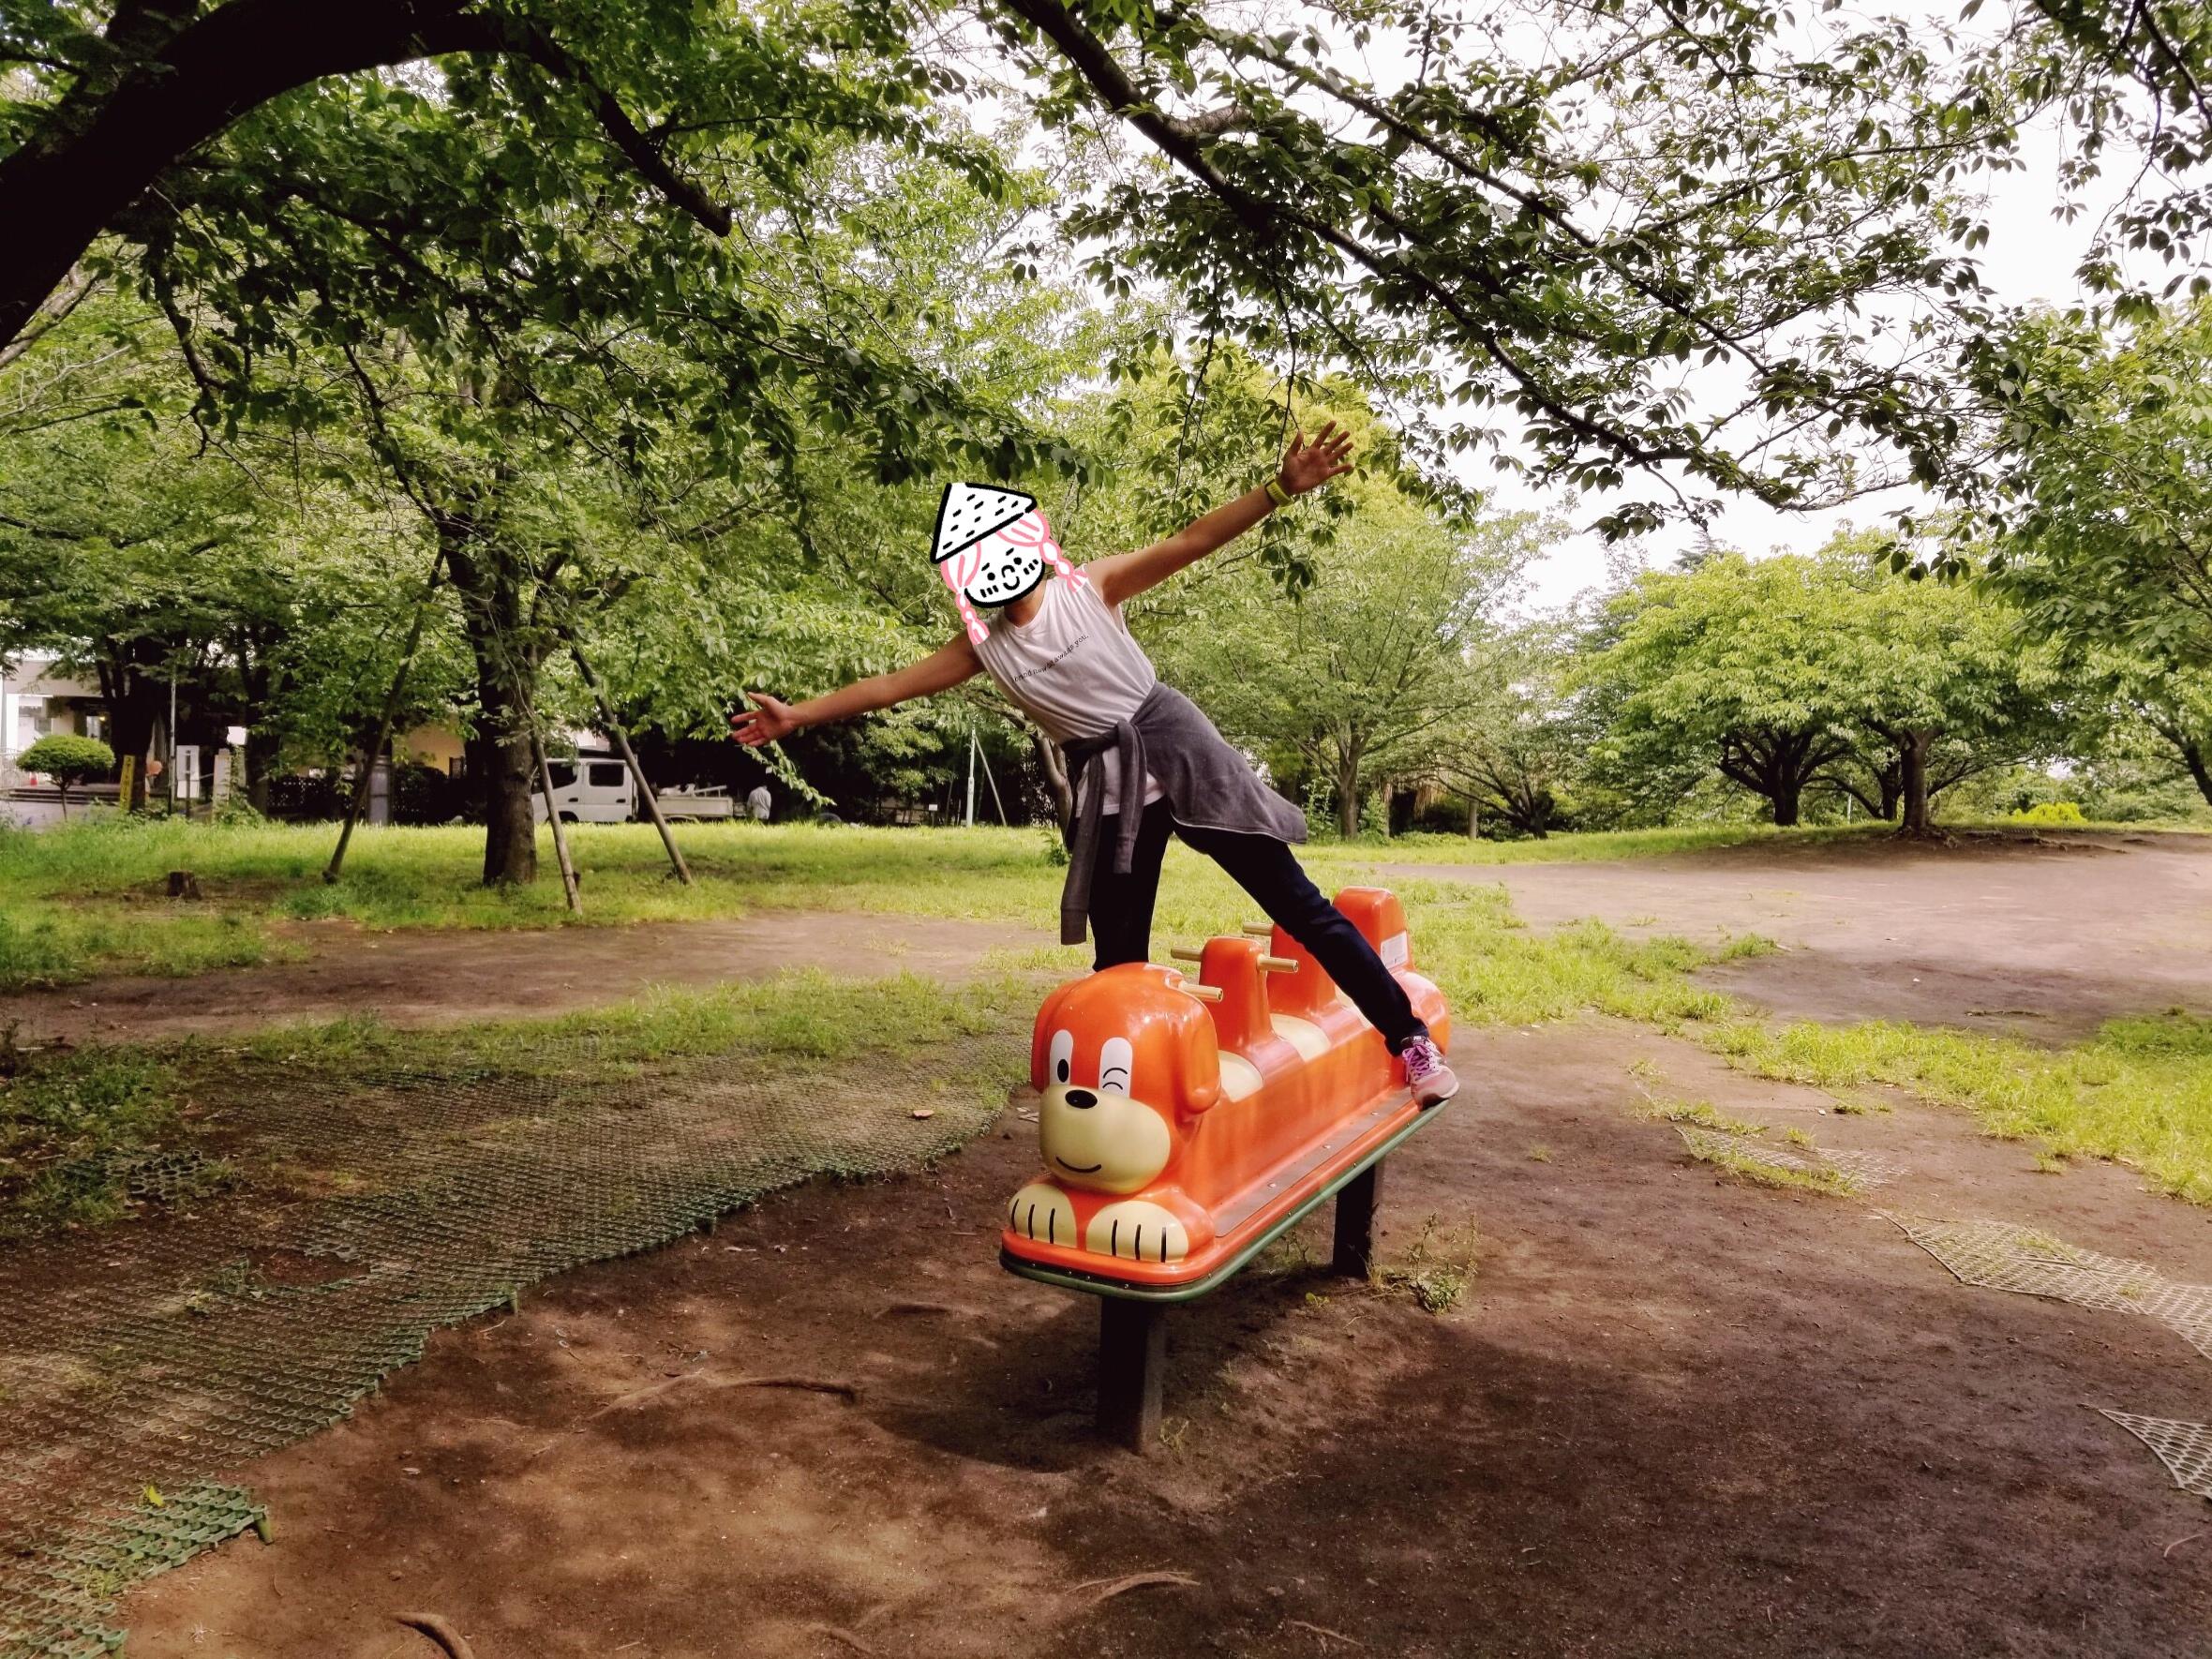 公園で遊具・アリに大喜びする20代って・・・〜童心を取り戻すこともありますよね〜